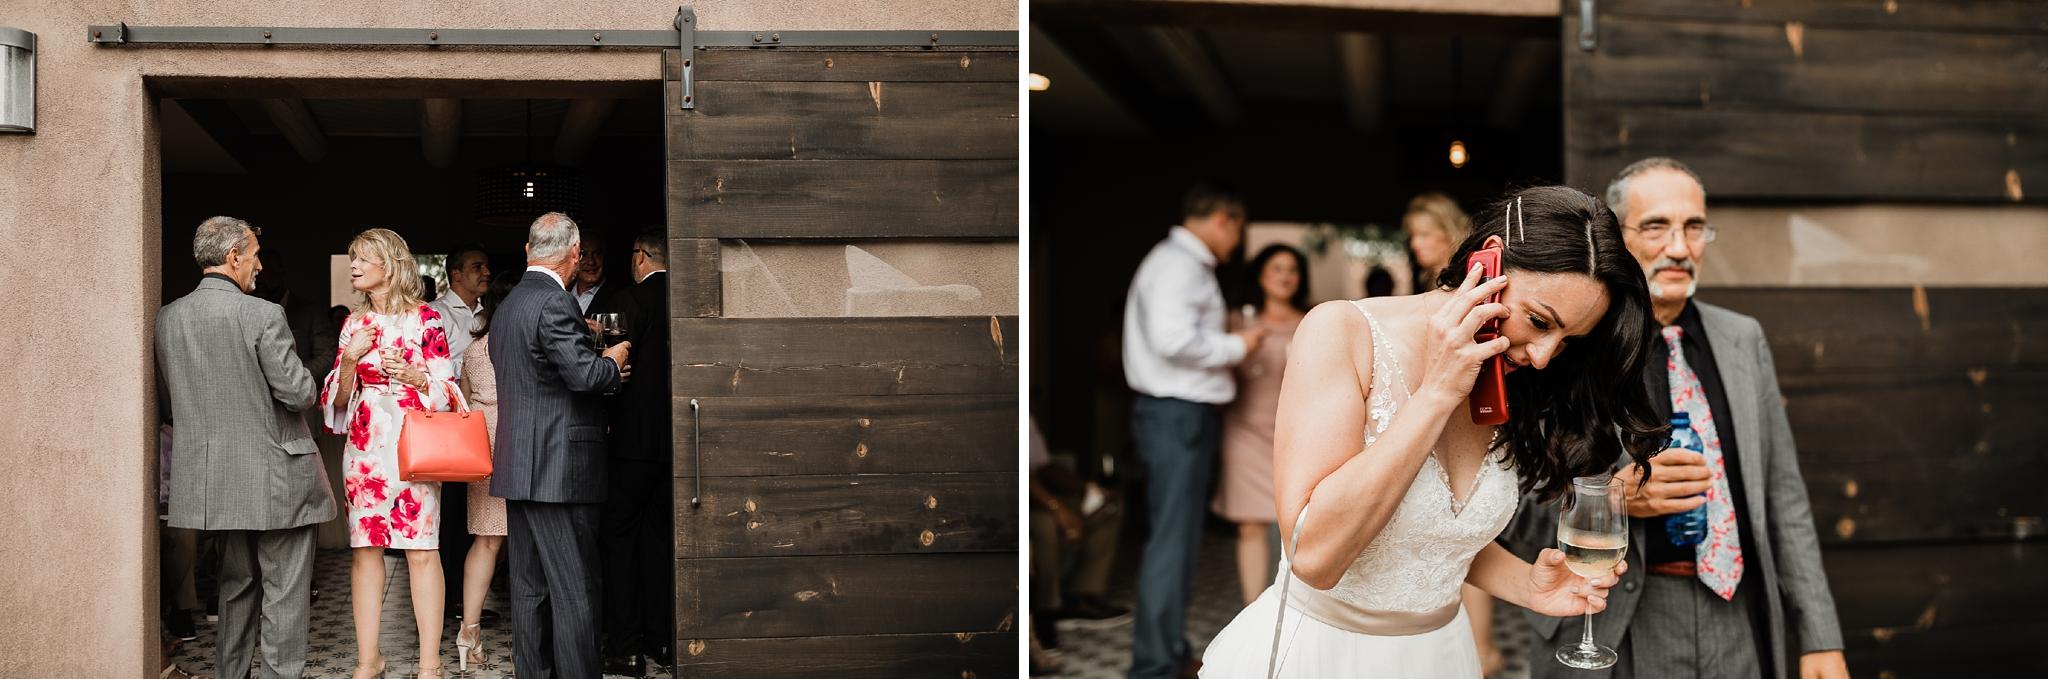 Alicia+lucia+photography+-+albuquerque+wedding+photographer+-+santa+fe+wedding+photography+-+new+mexico+wedding+photographer+-+new+mexico+wedding+-+bed+and+breakfast+wedding+-+sarabande+wedding+-+sarabande+bed+and+breakfast+wedding_0096.jpg